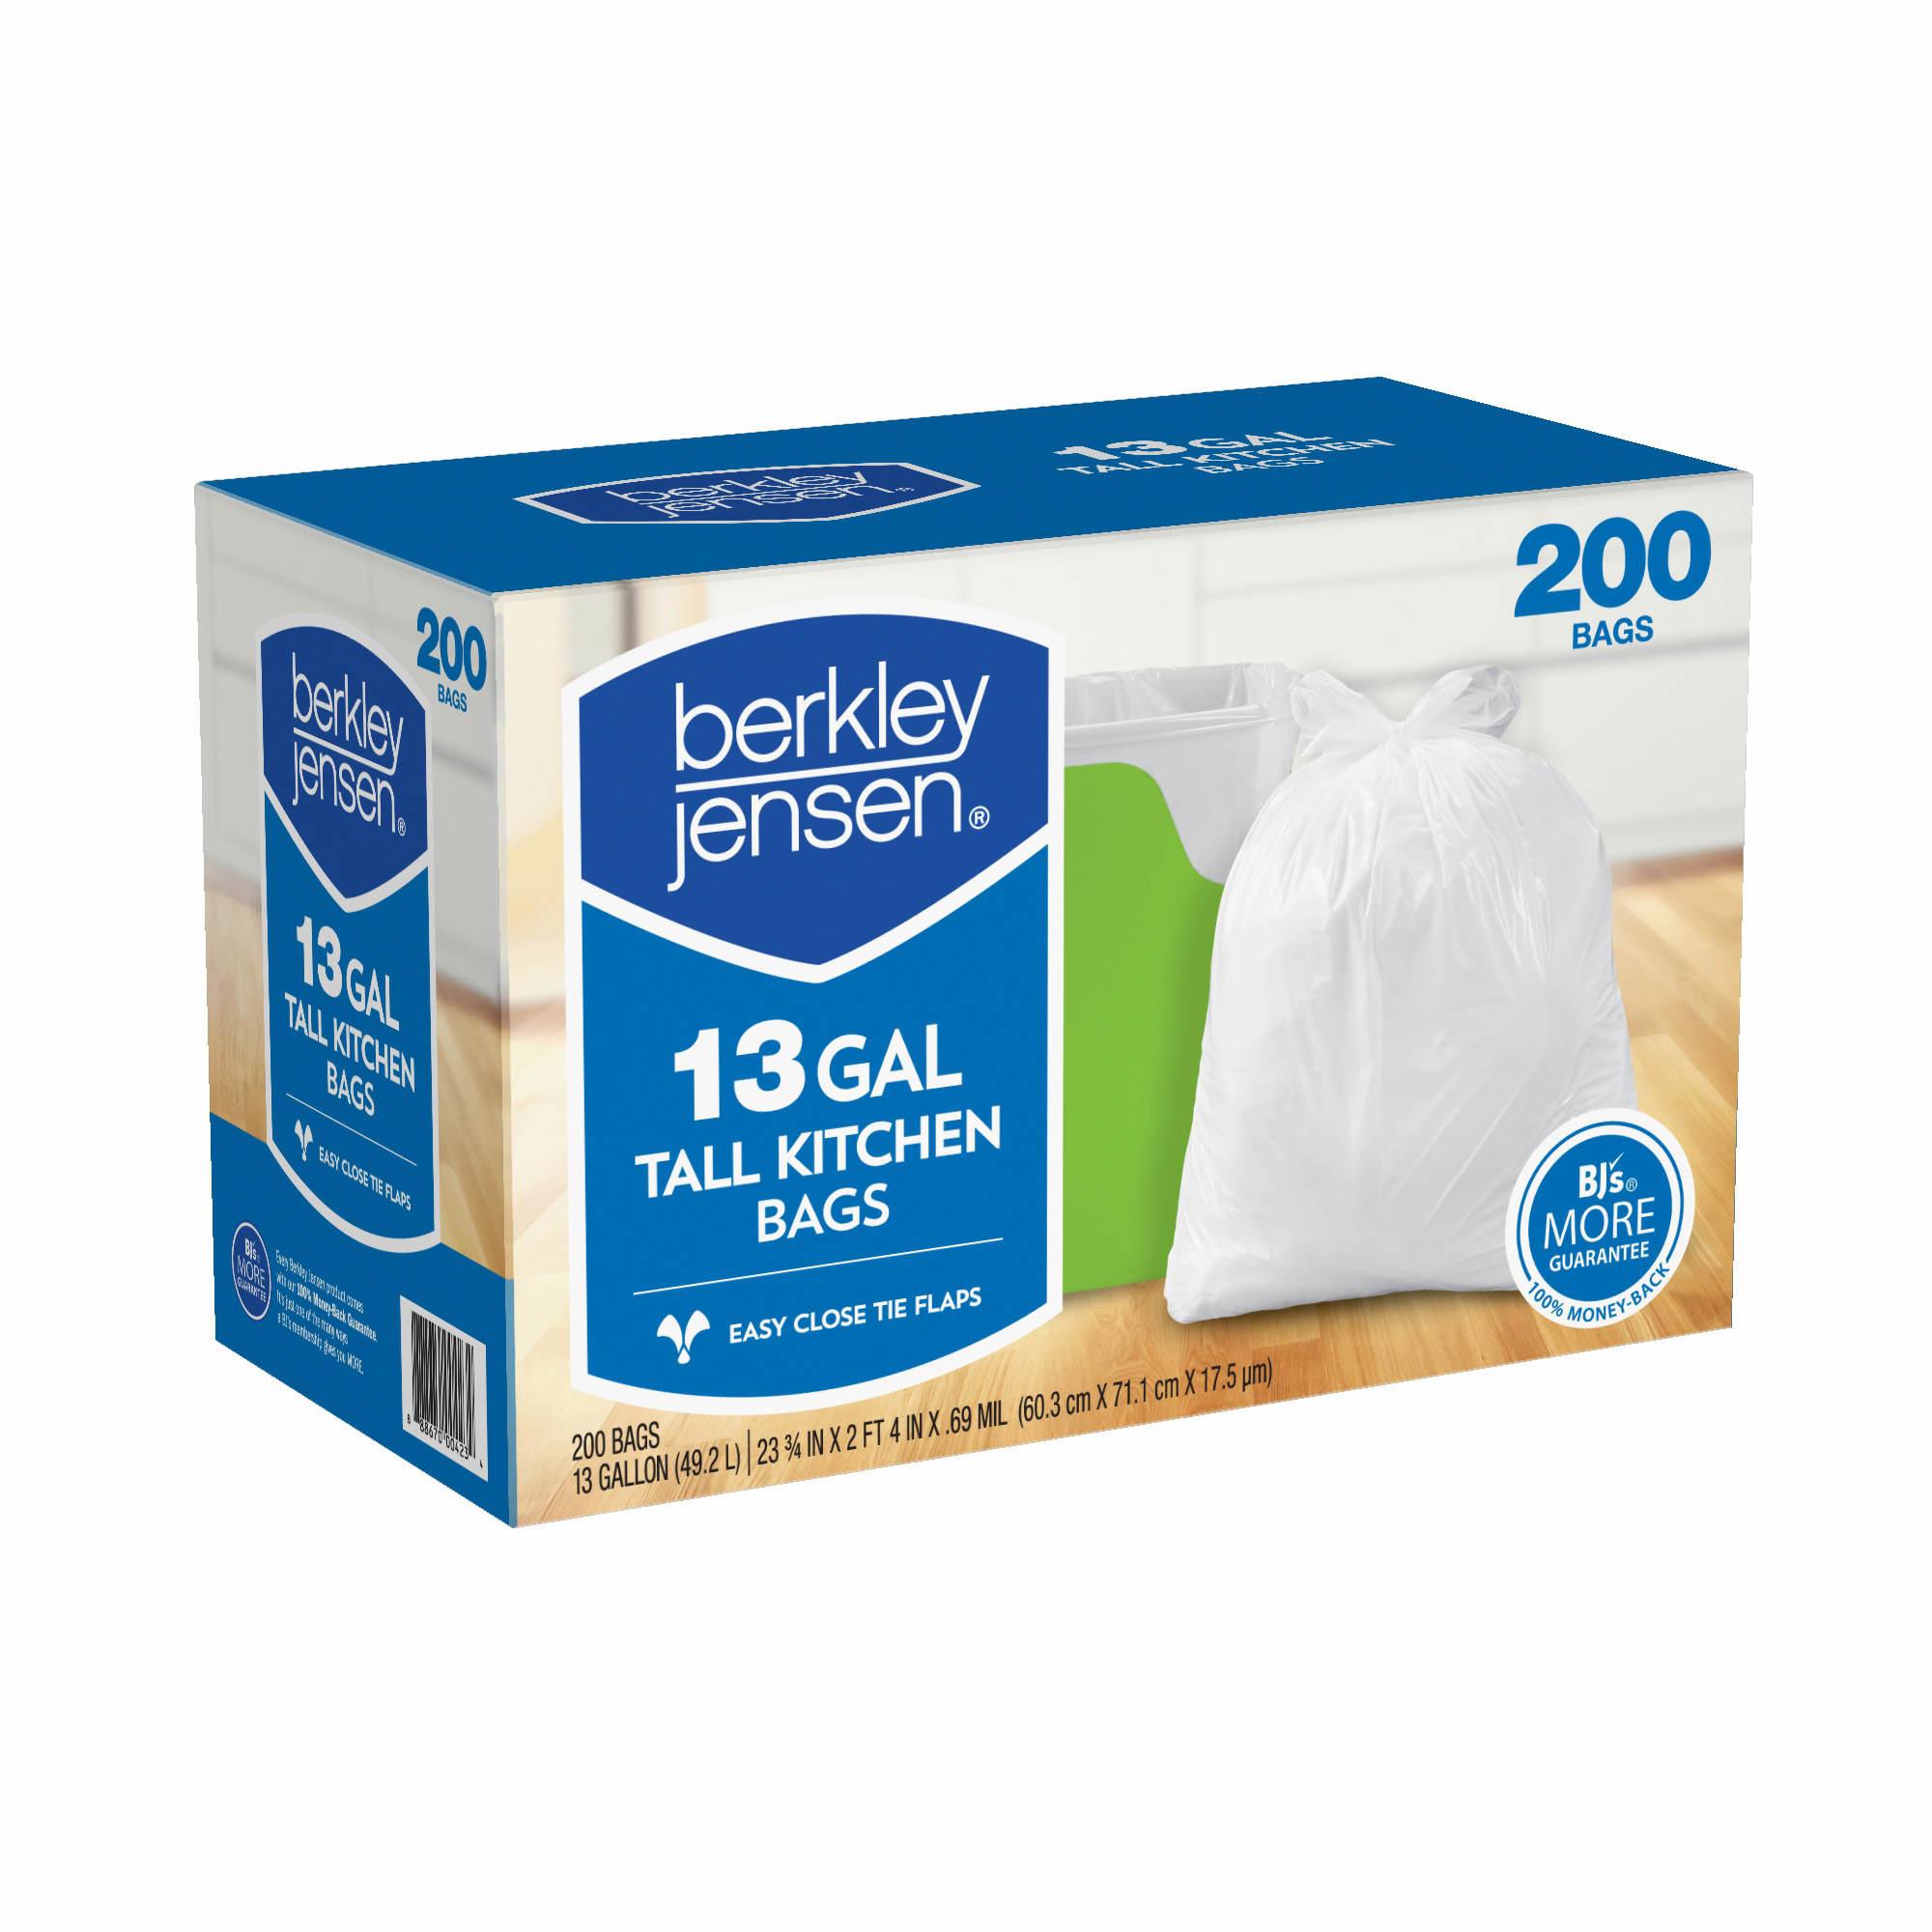 Berkley Jensen 13-Gal. 0.69mL Kitchen Bags, 200 ct. - BJs WholeSale Club